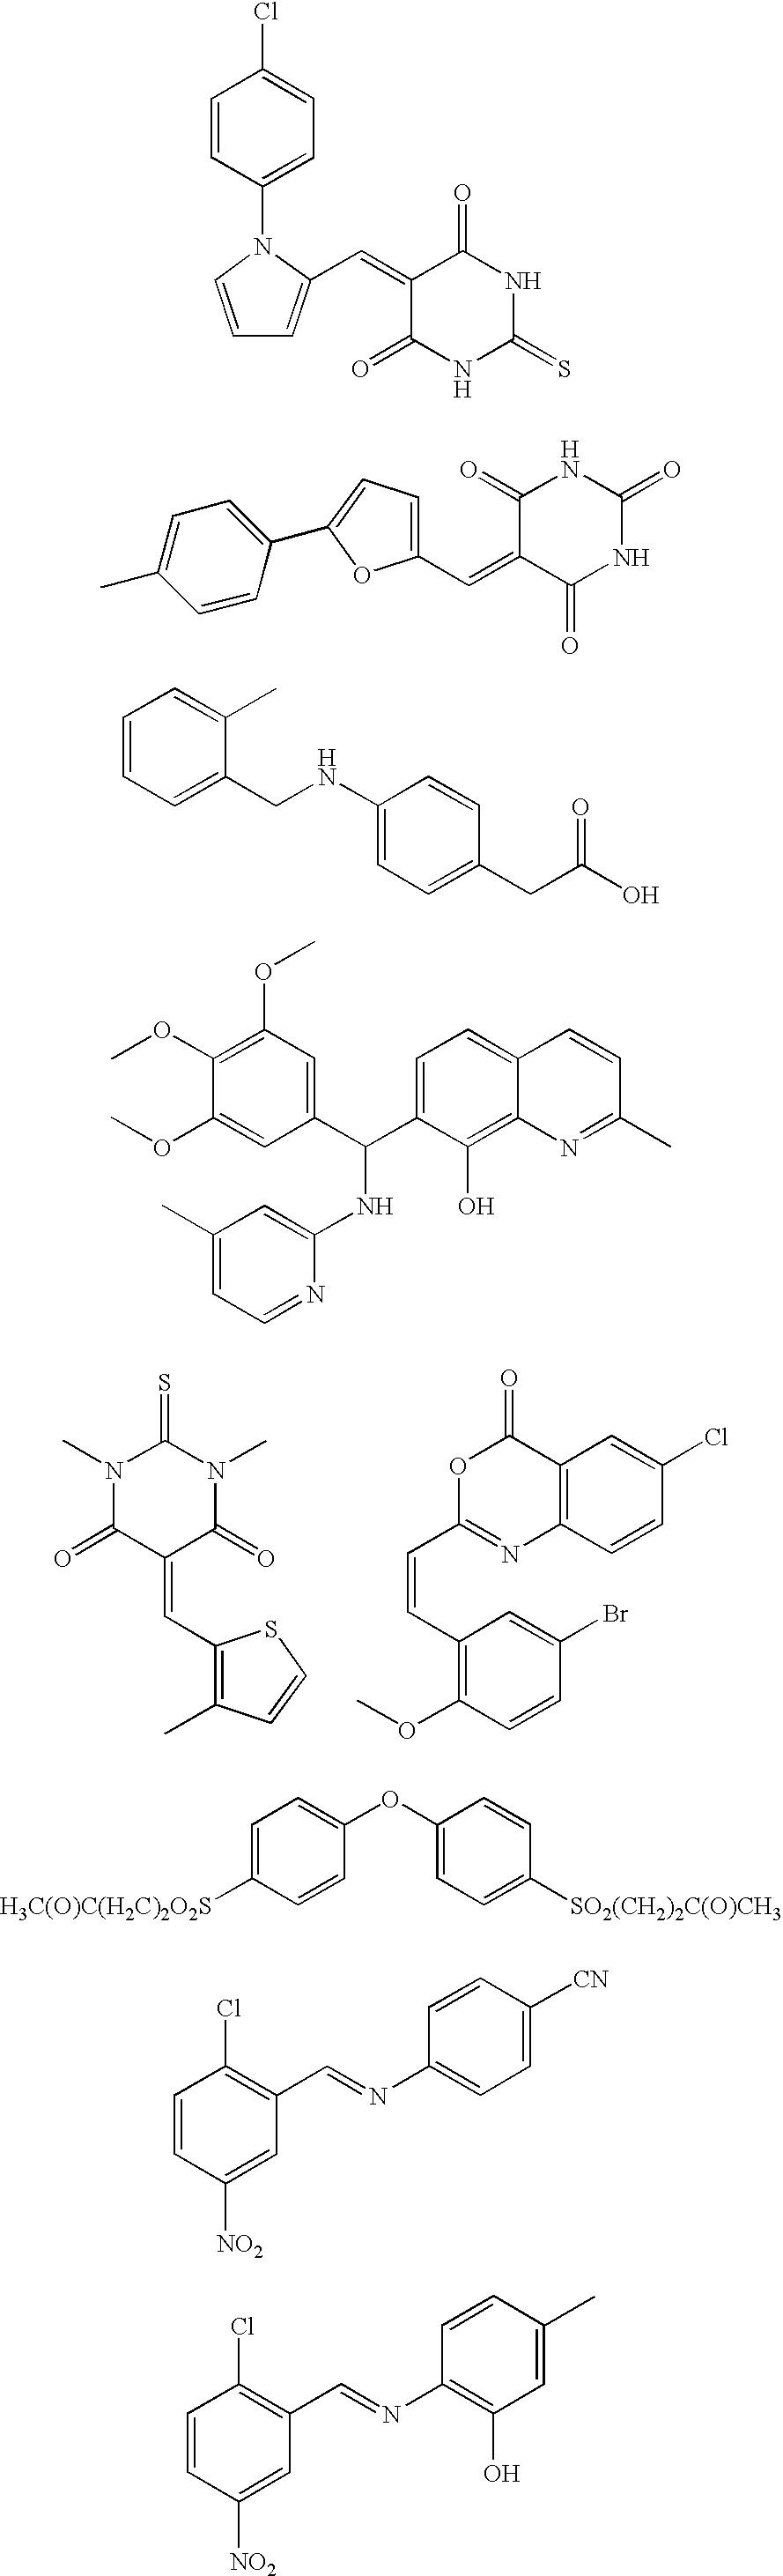 Figure US08119656-20120221-C00033